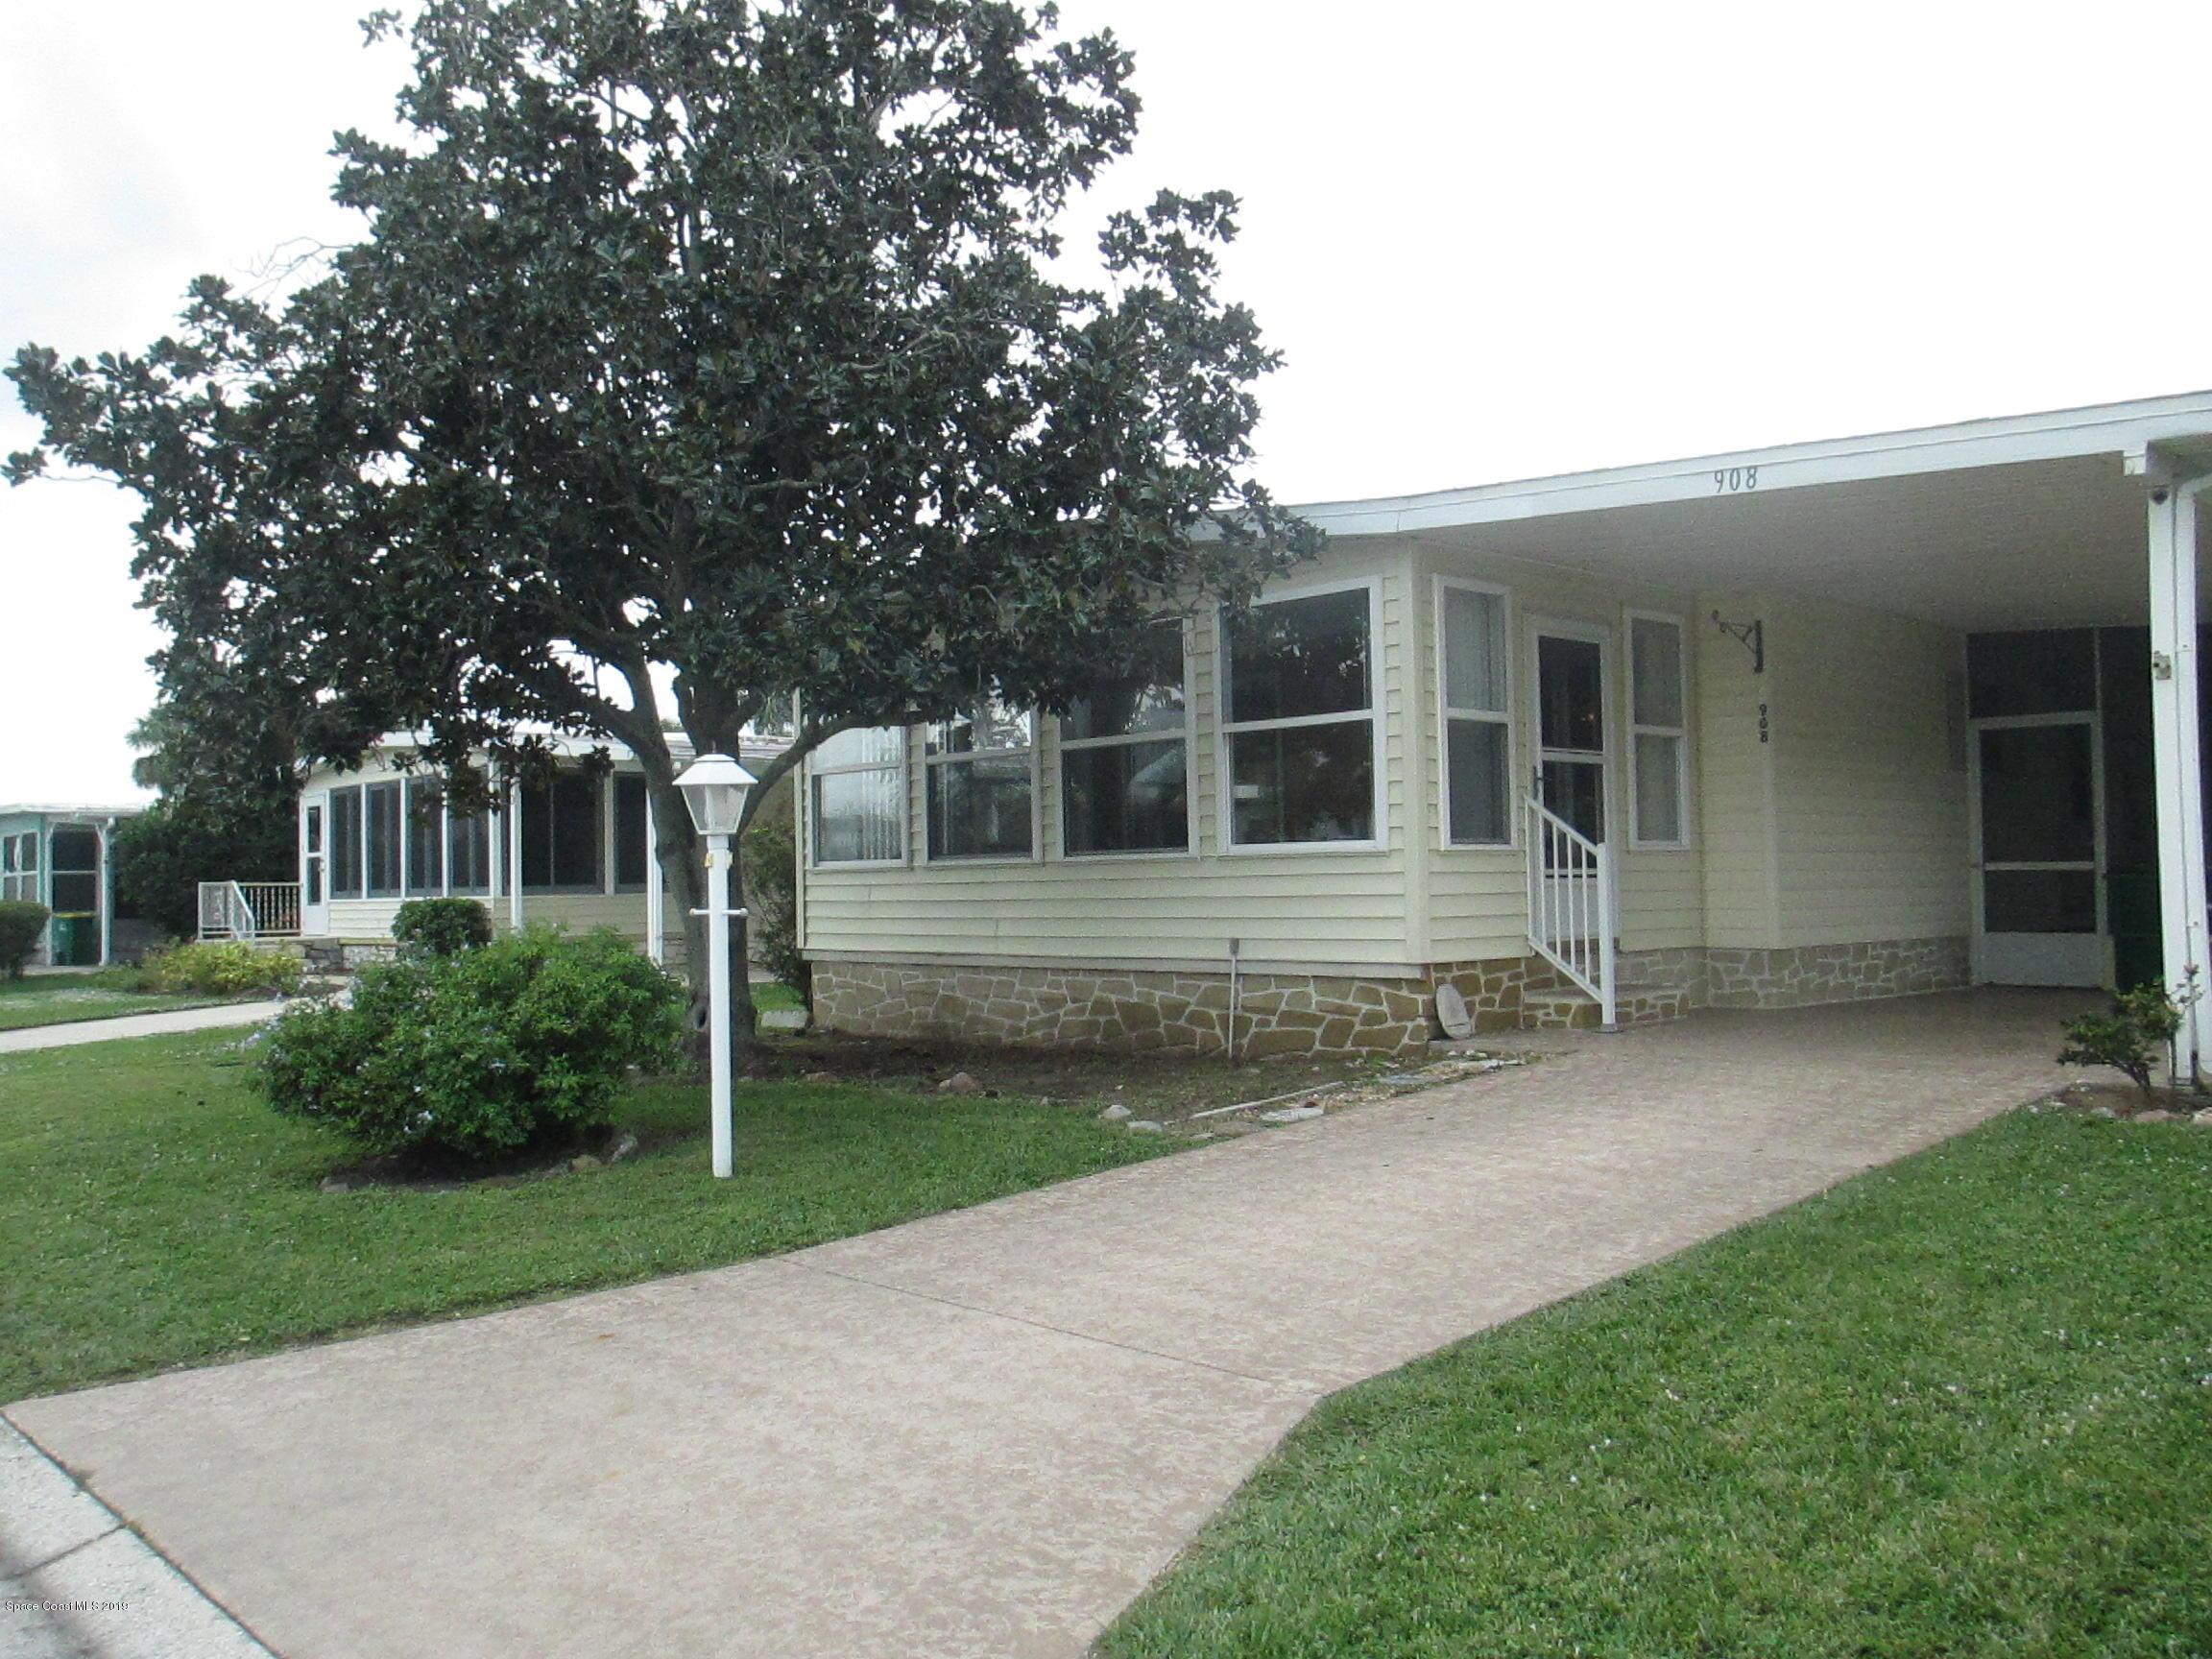 Photo of 908 Wren Circle, Barefoot Bay, FL 32976